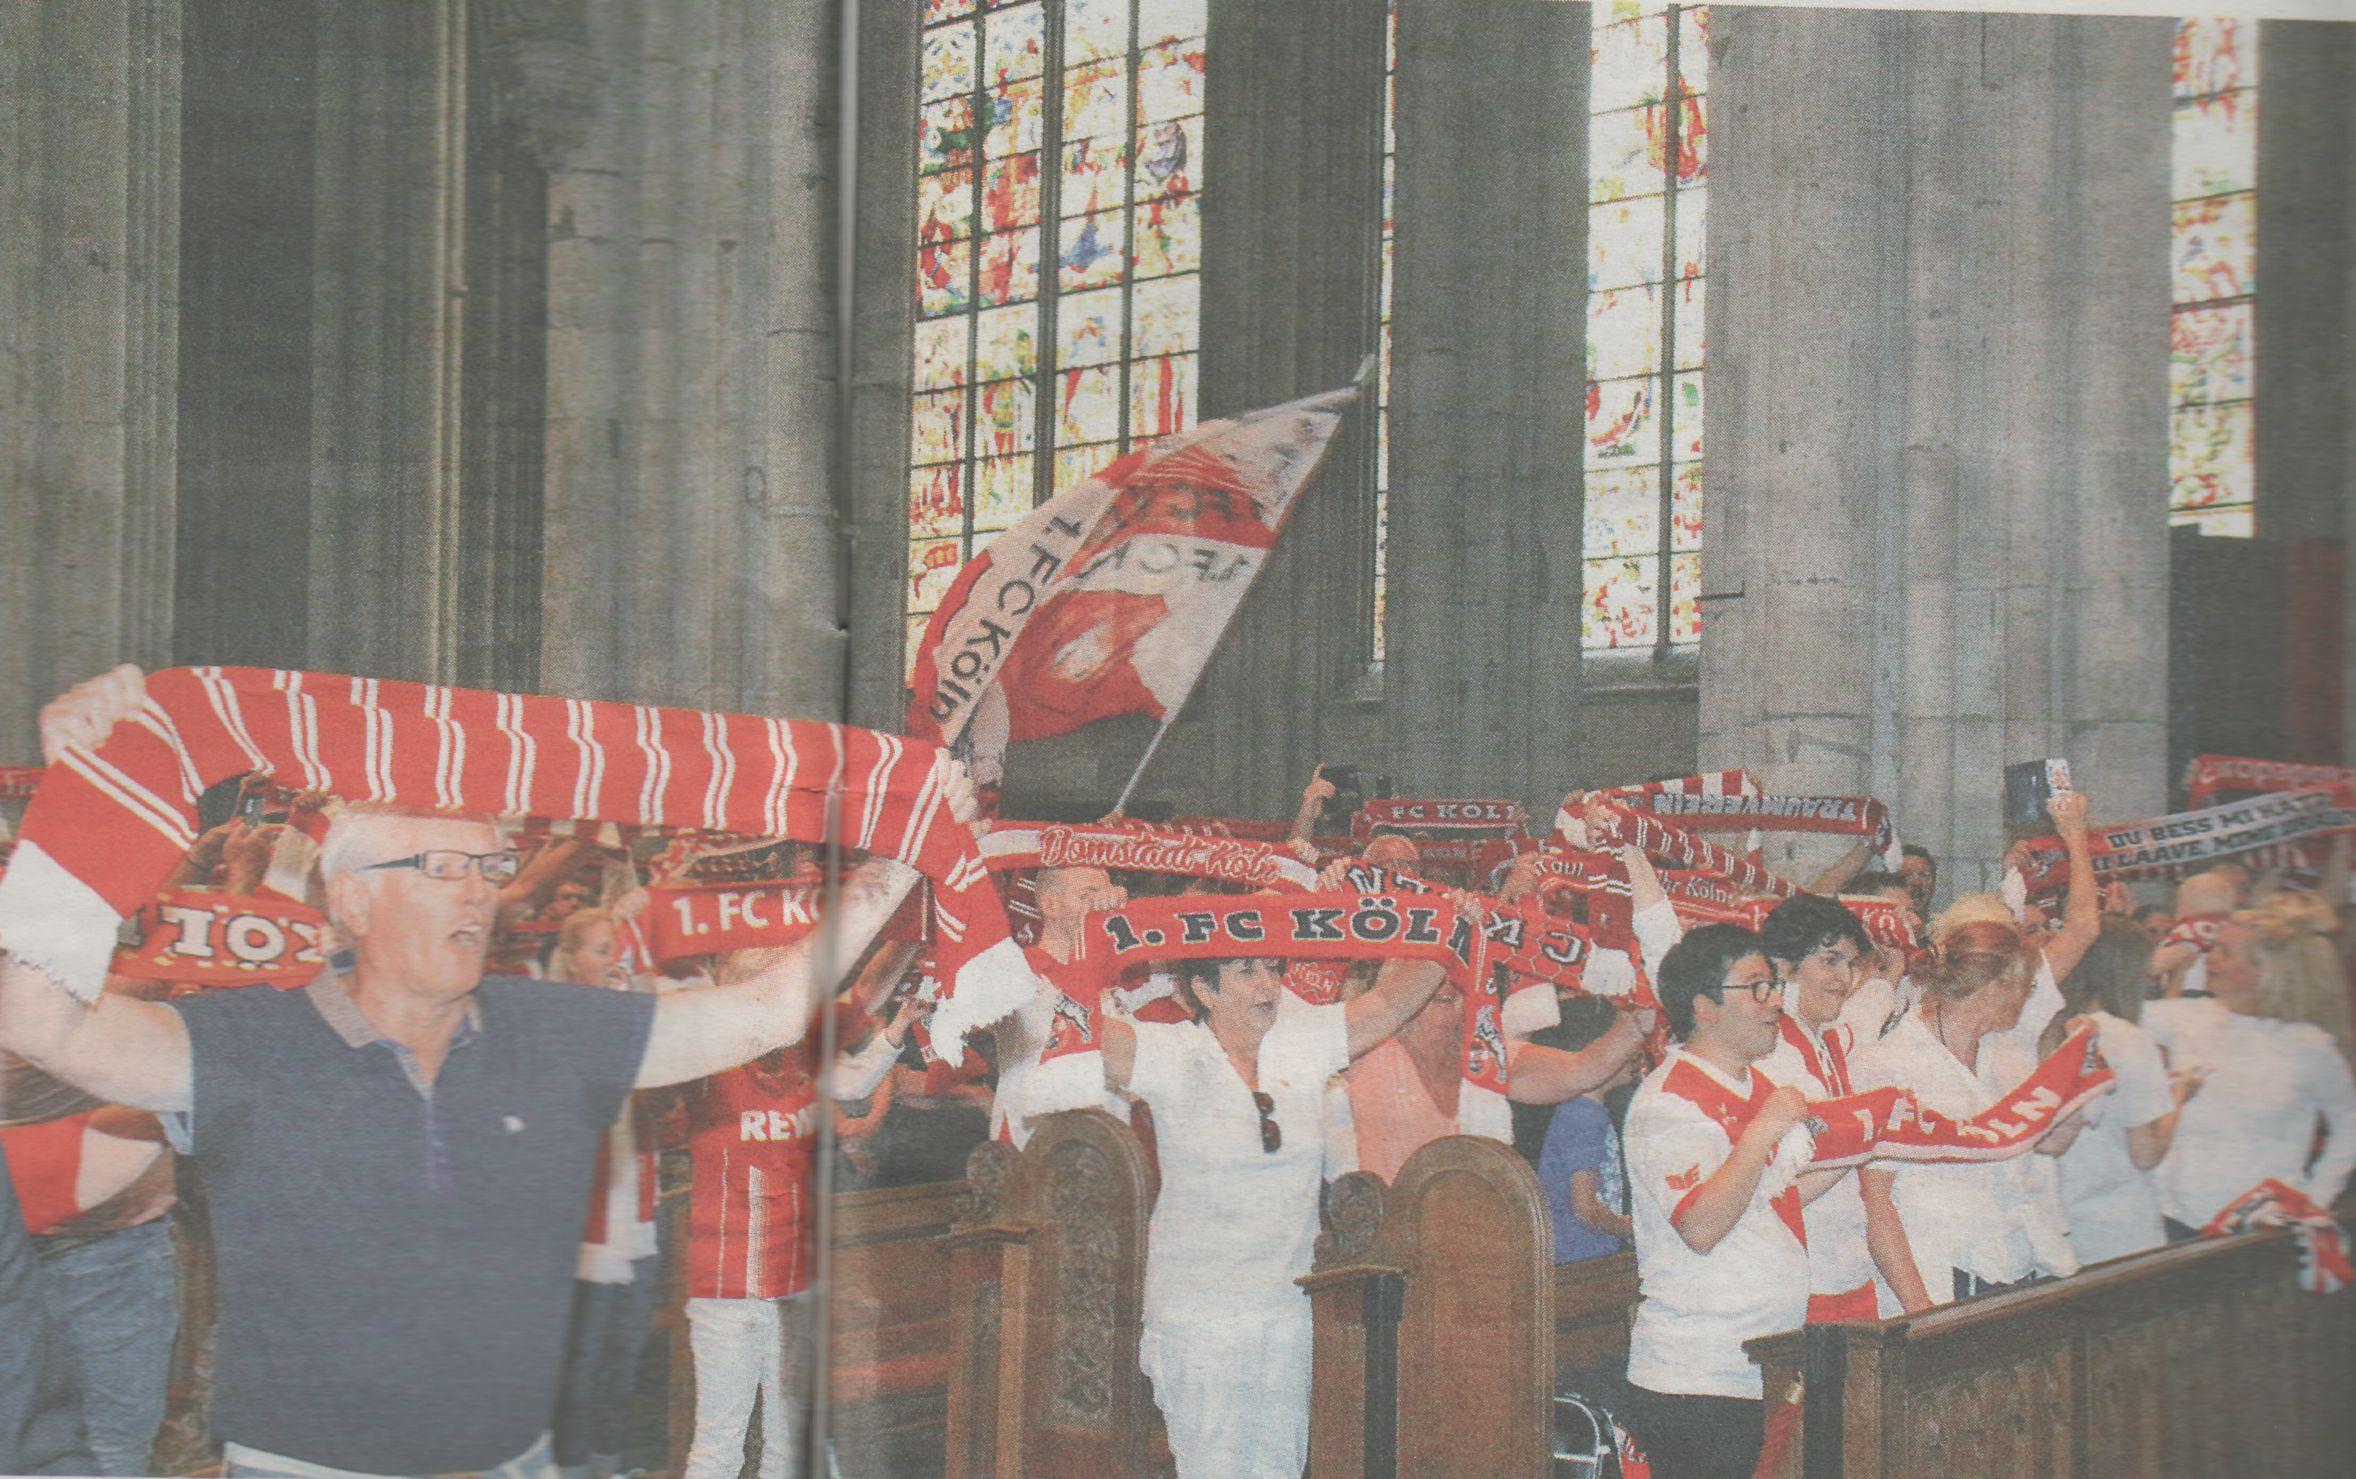 Oekunemische Fussball Andacht im Koelner Dom